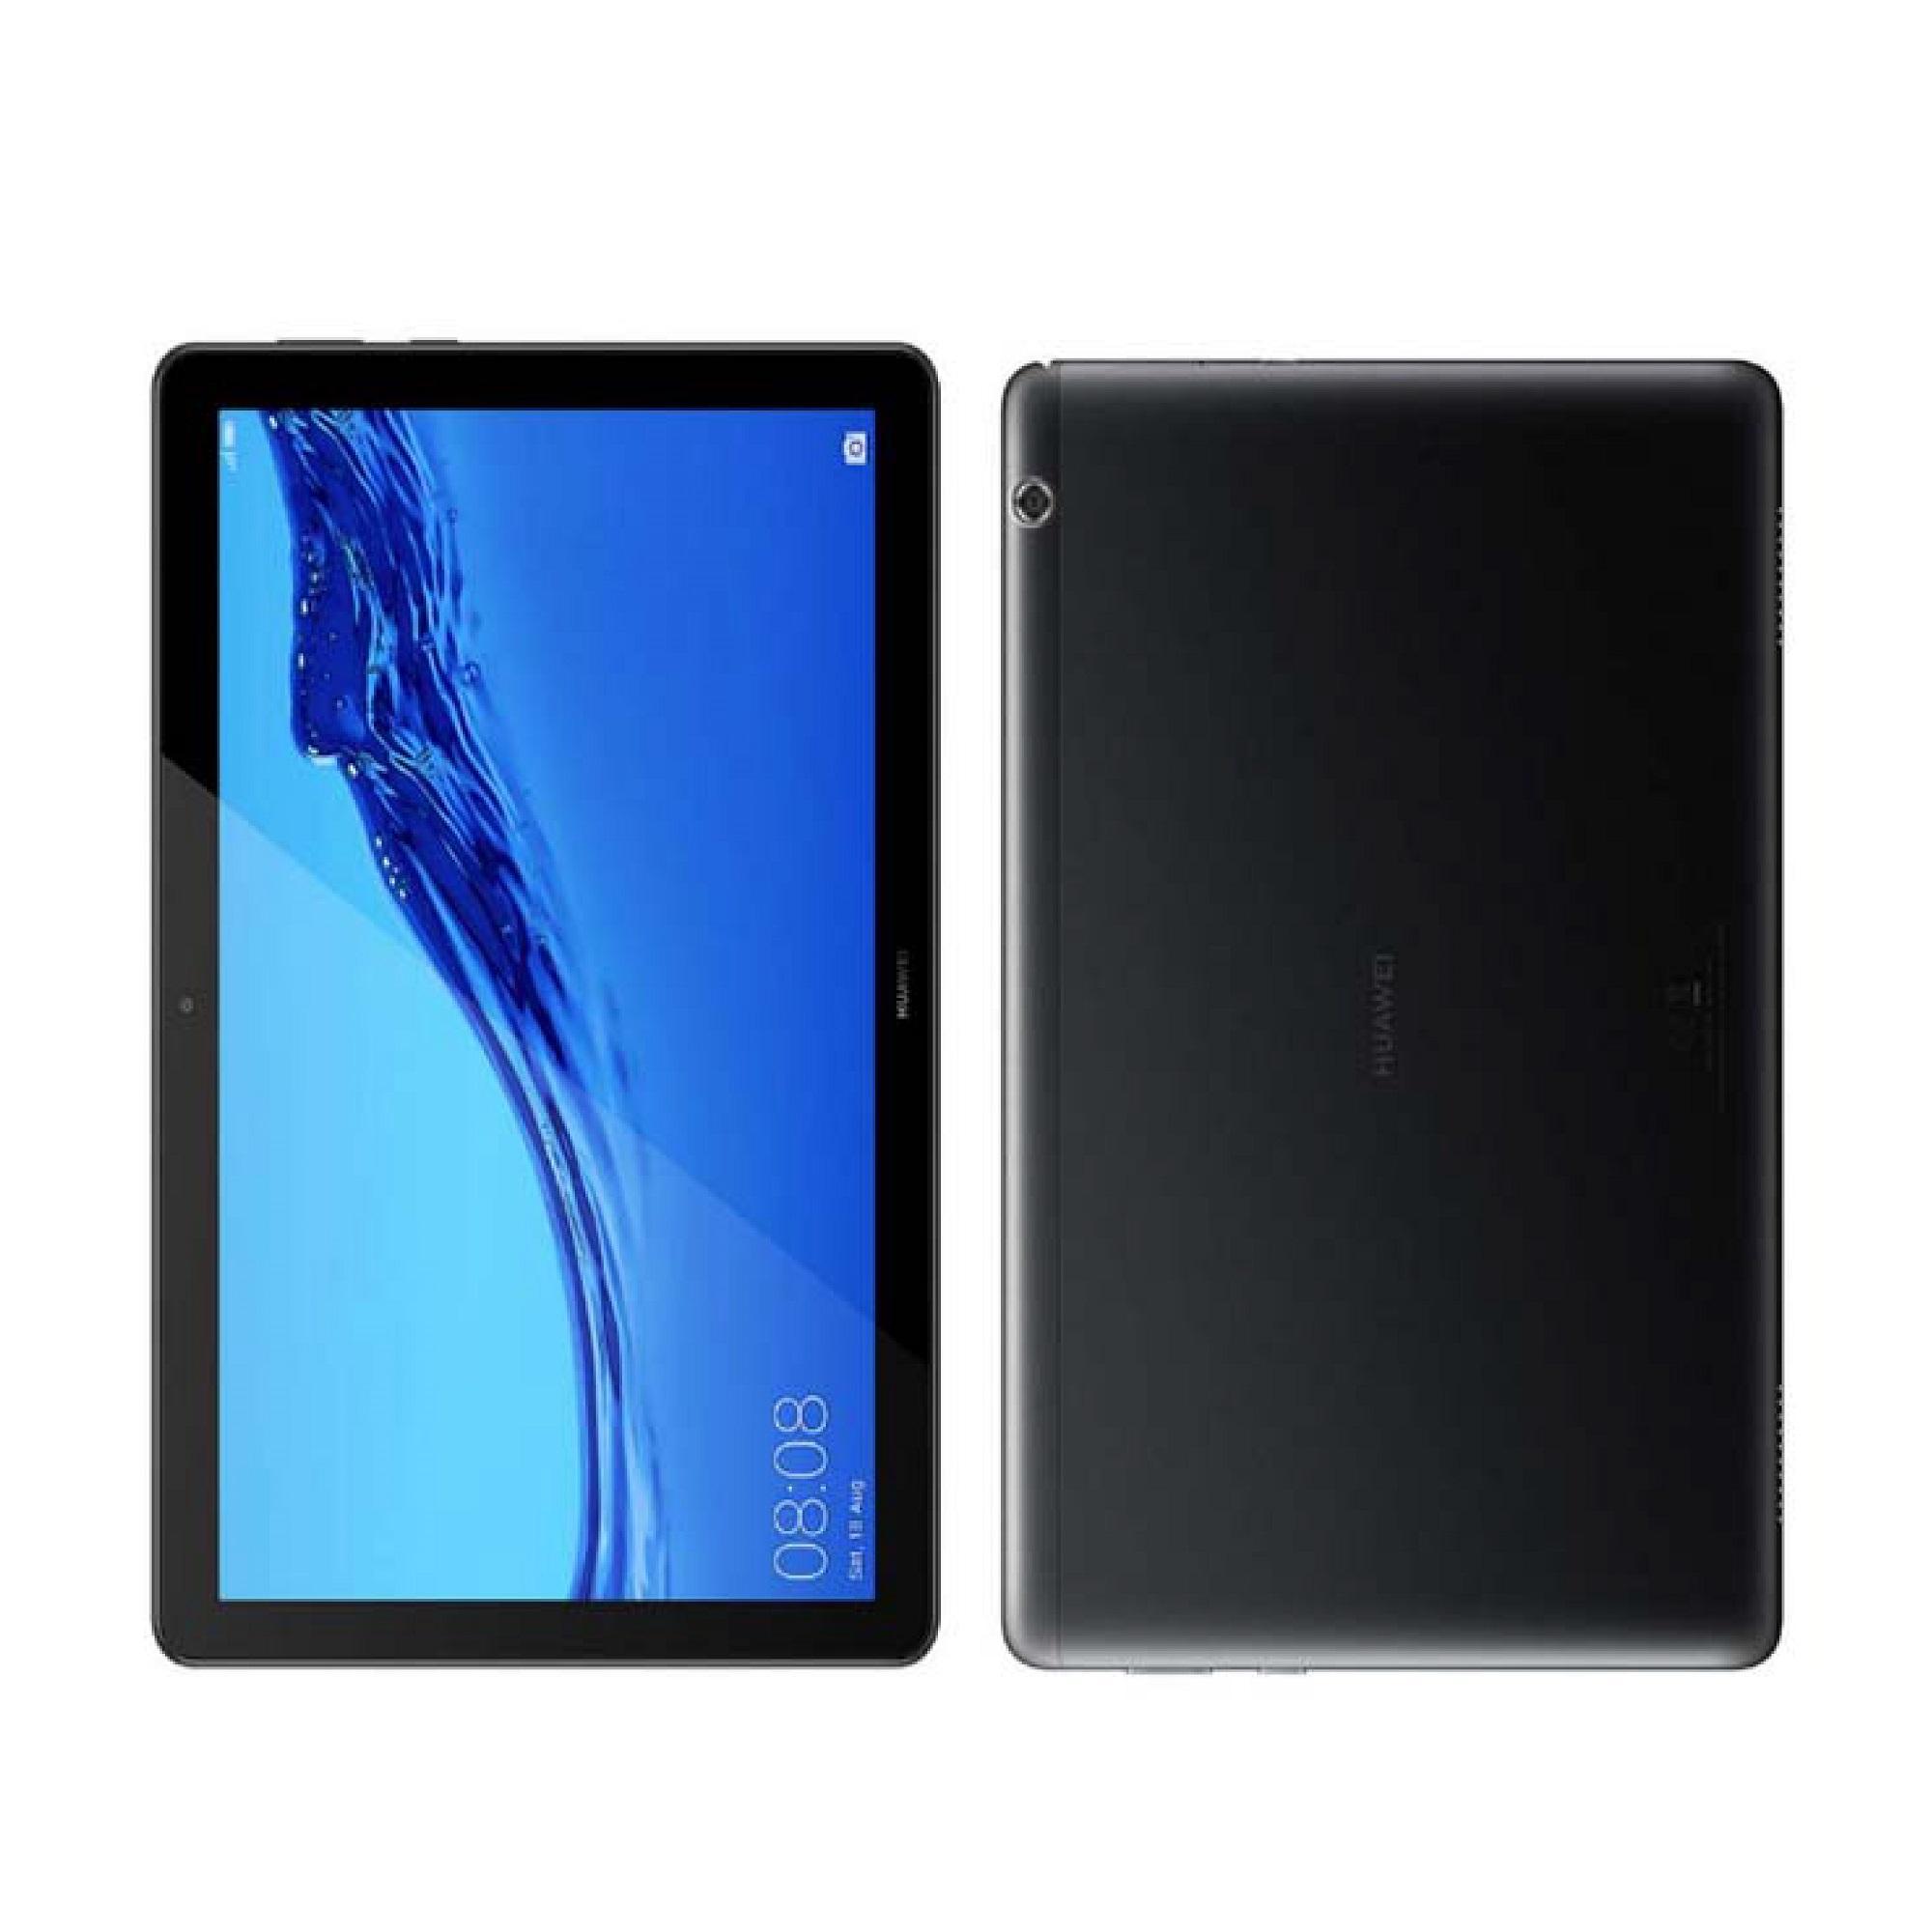 Máy tính bảng Huawei MediaPad T5 10 - 3GB RAM - 32GB ROM - Hãng phân phối chính thức